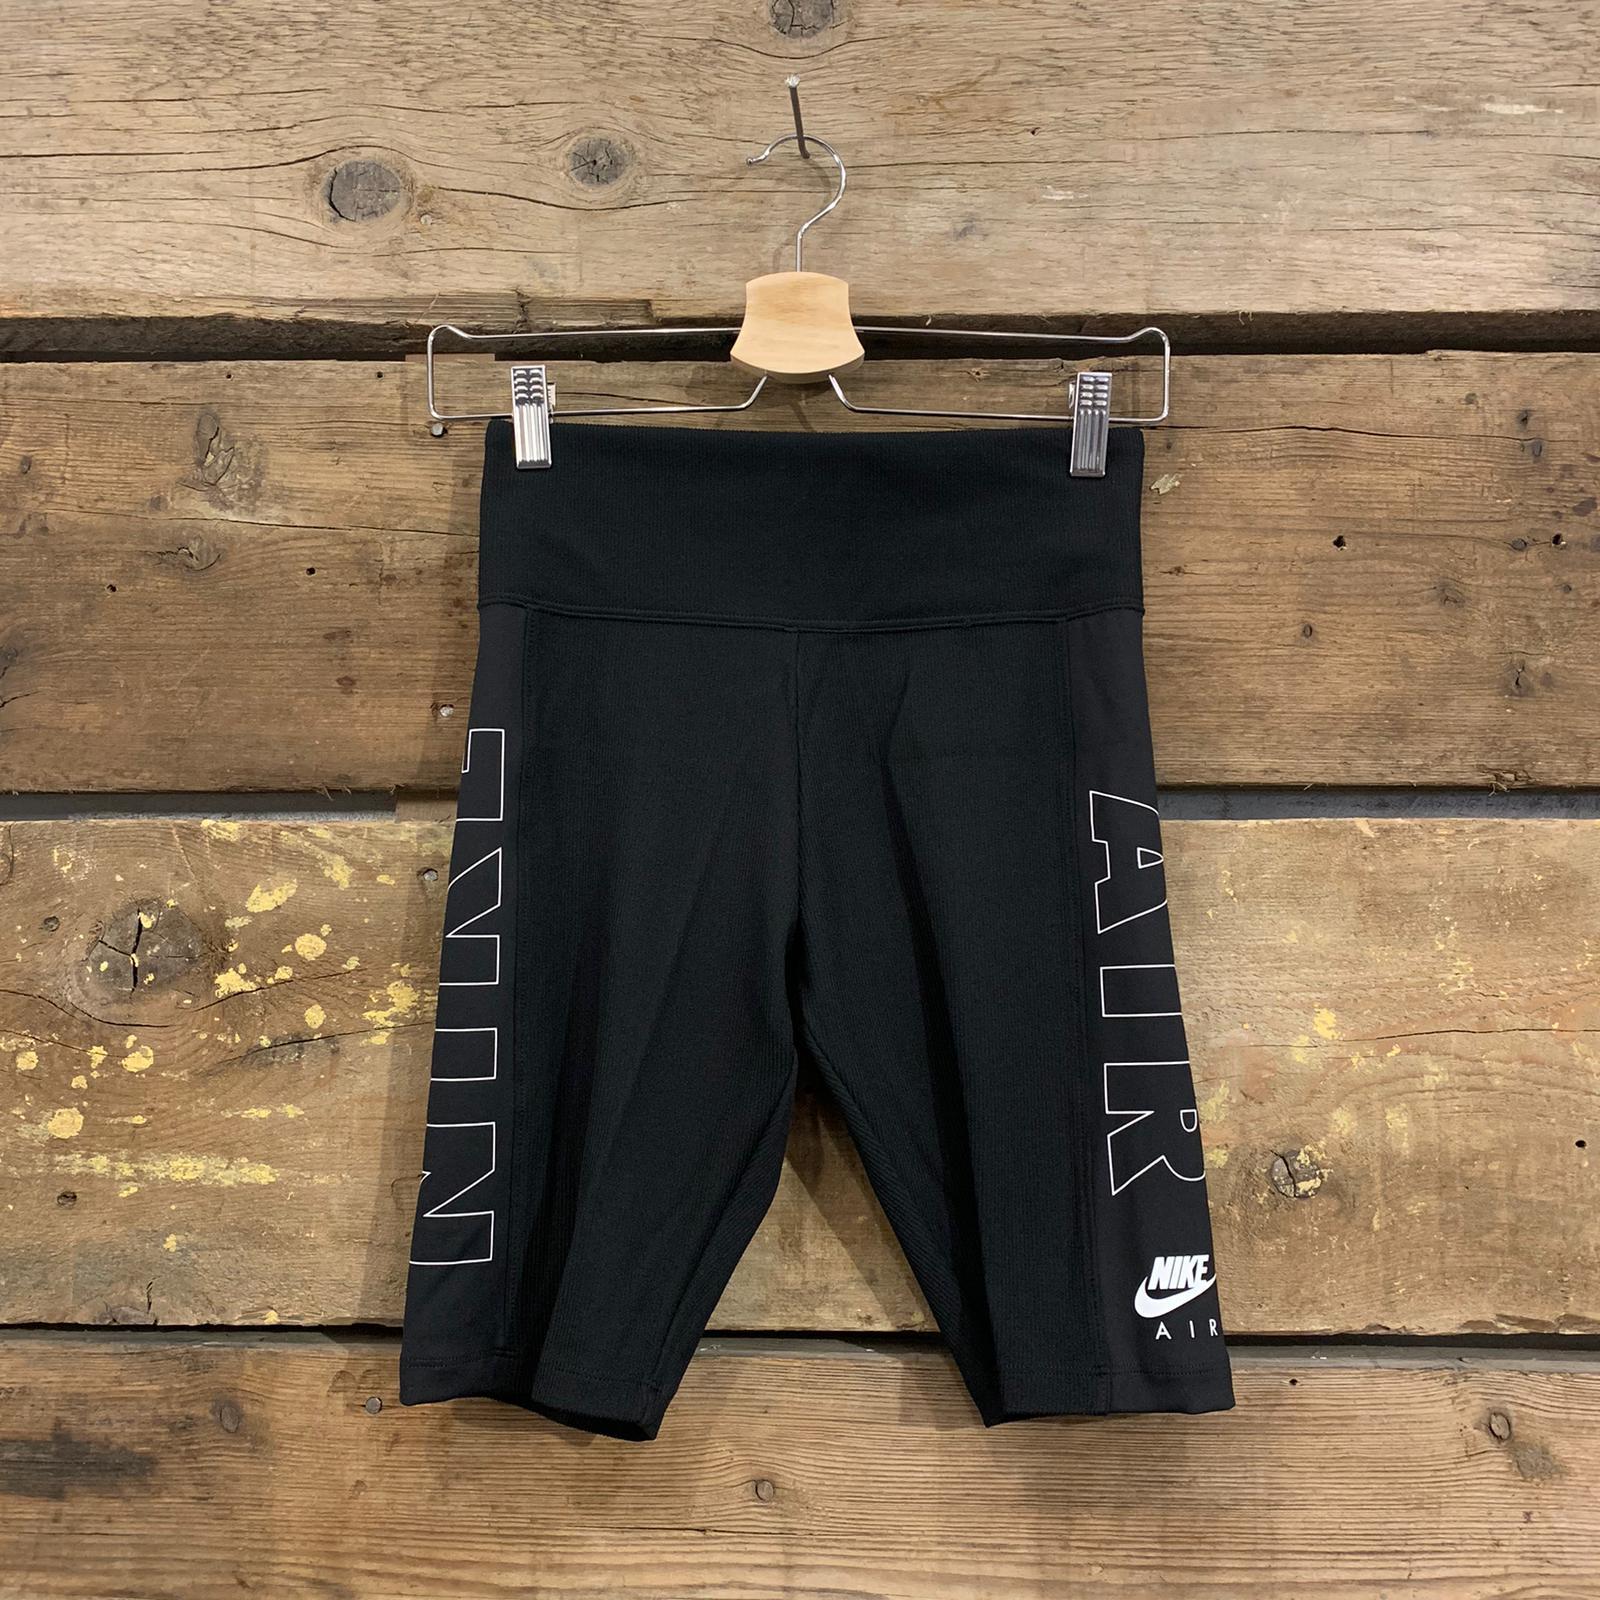 Pantaloncino Nike a Ciclista Elasticizzato Nero